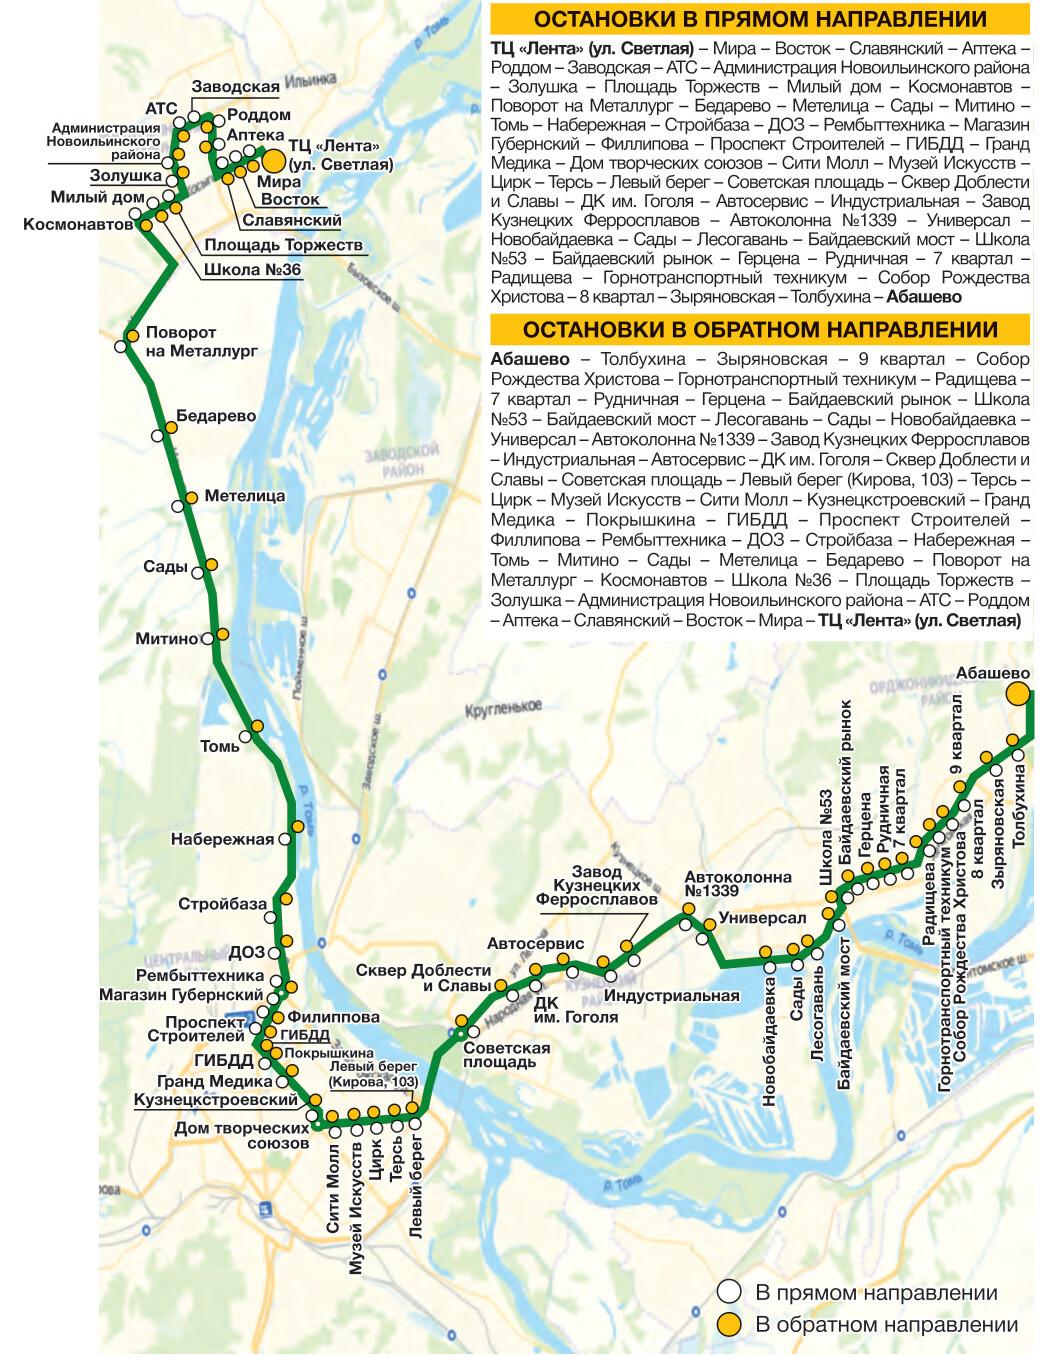 Автобус №87 ТЦ ЛЕНТА (УЛИЦА СВЕТЛАЯ) - АБАШЕВО | Расписание и маршрут движения